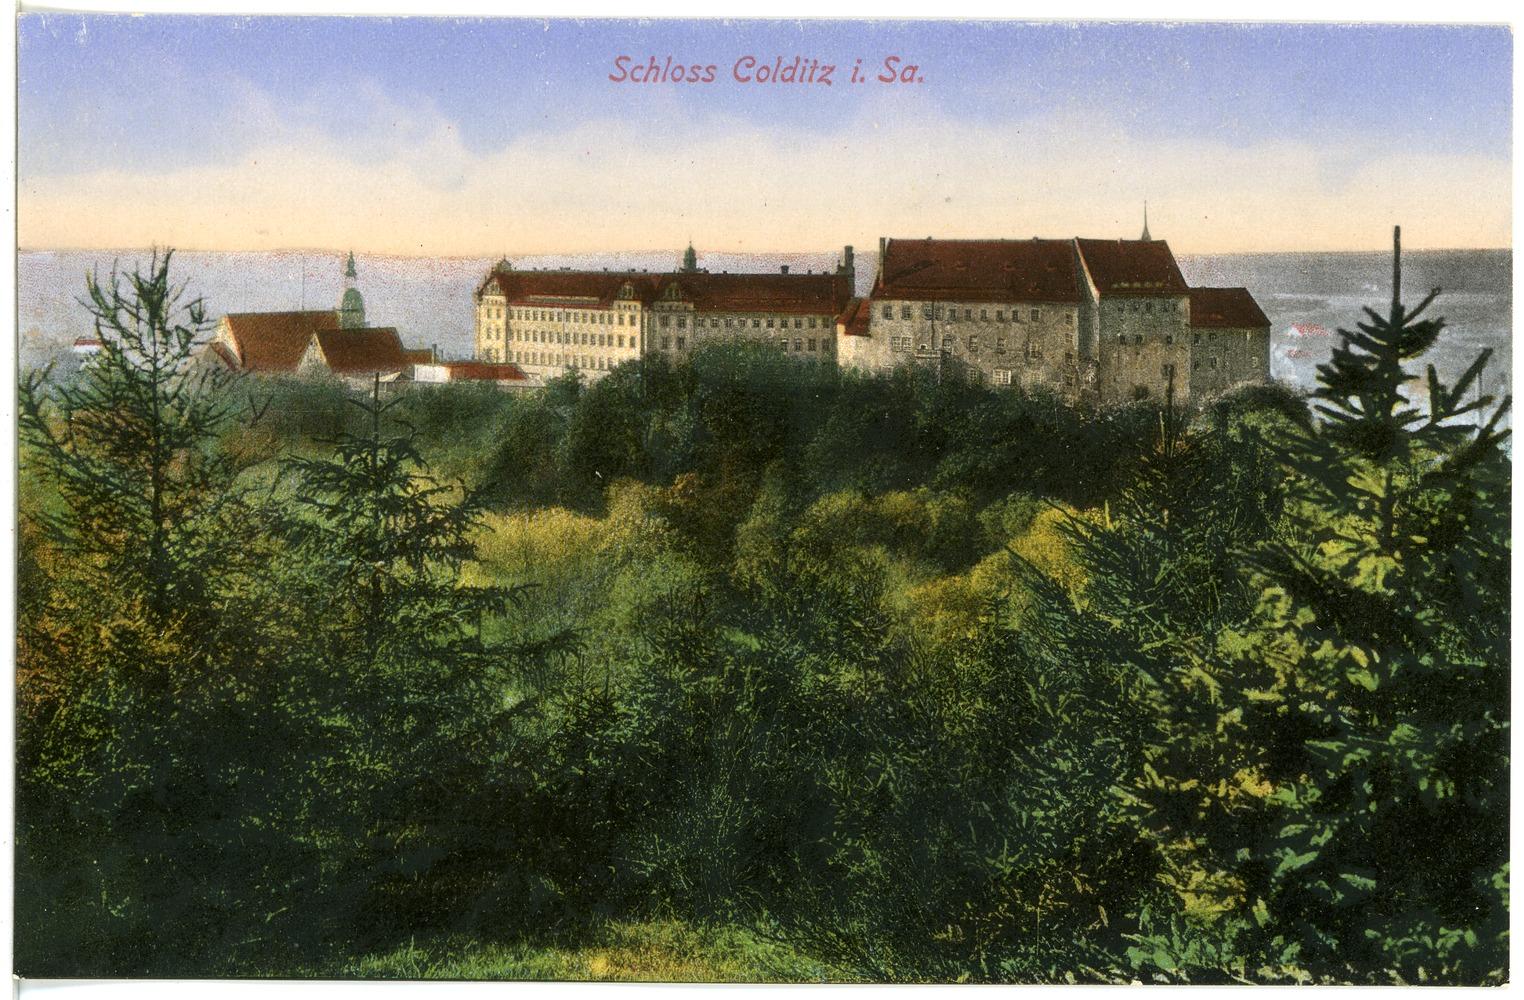 file 17404 colditz 1914 schlo br ck sohn kunstverlag jpg rh commons wikimedia org